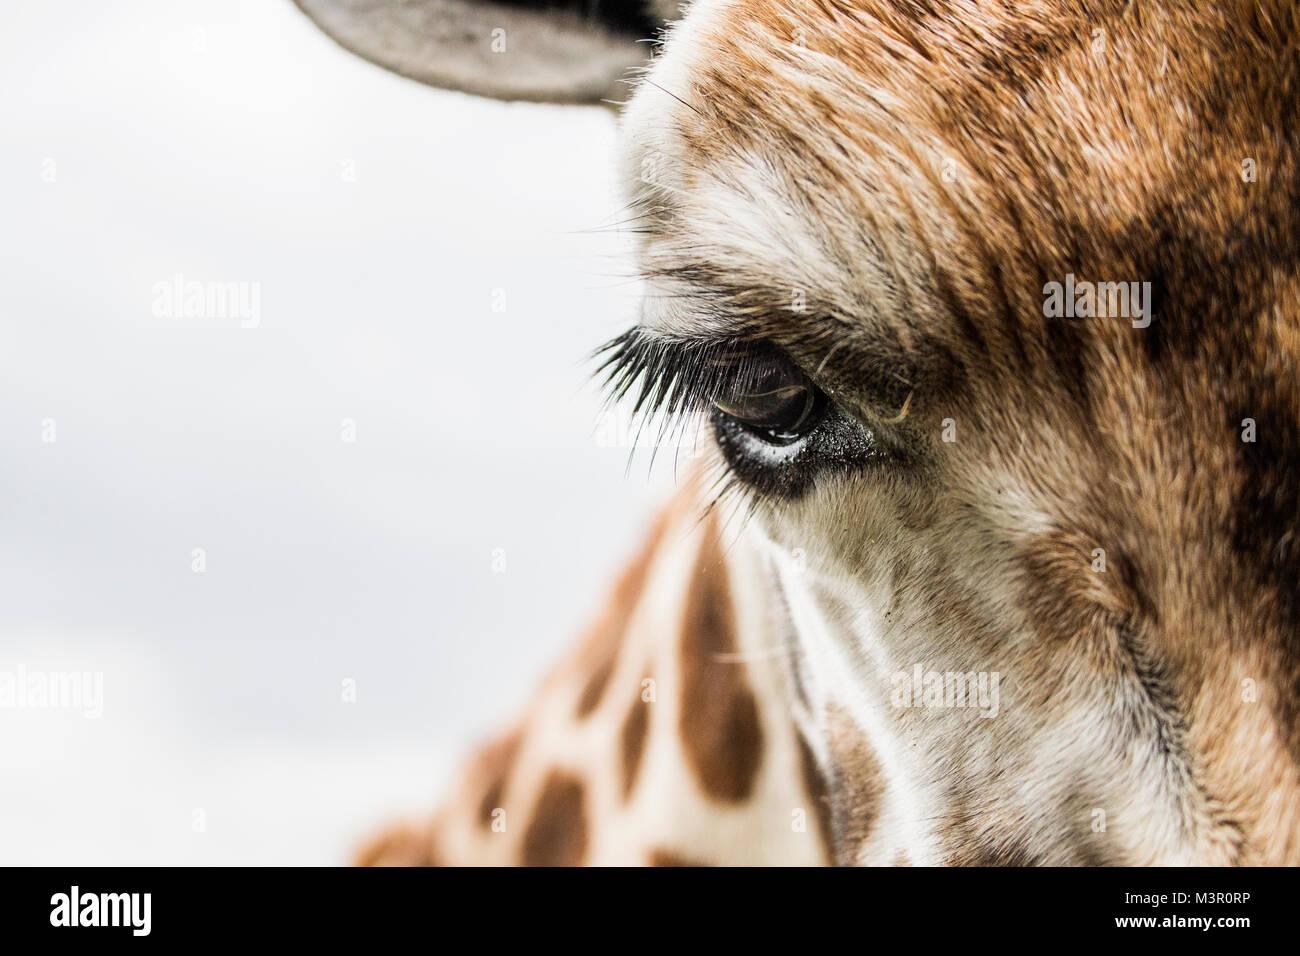 Watching you, Close up youg giraffe - Stock Image